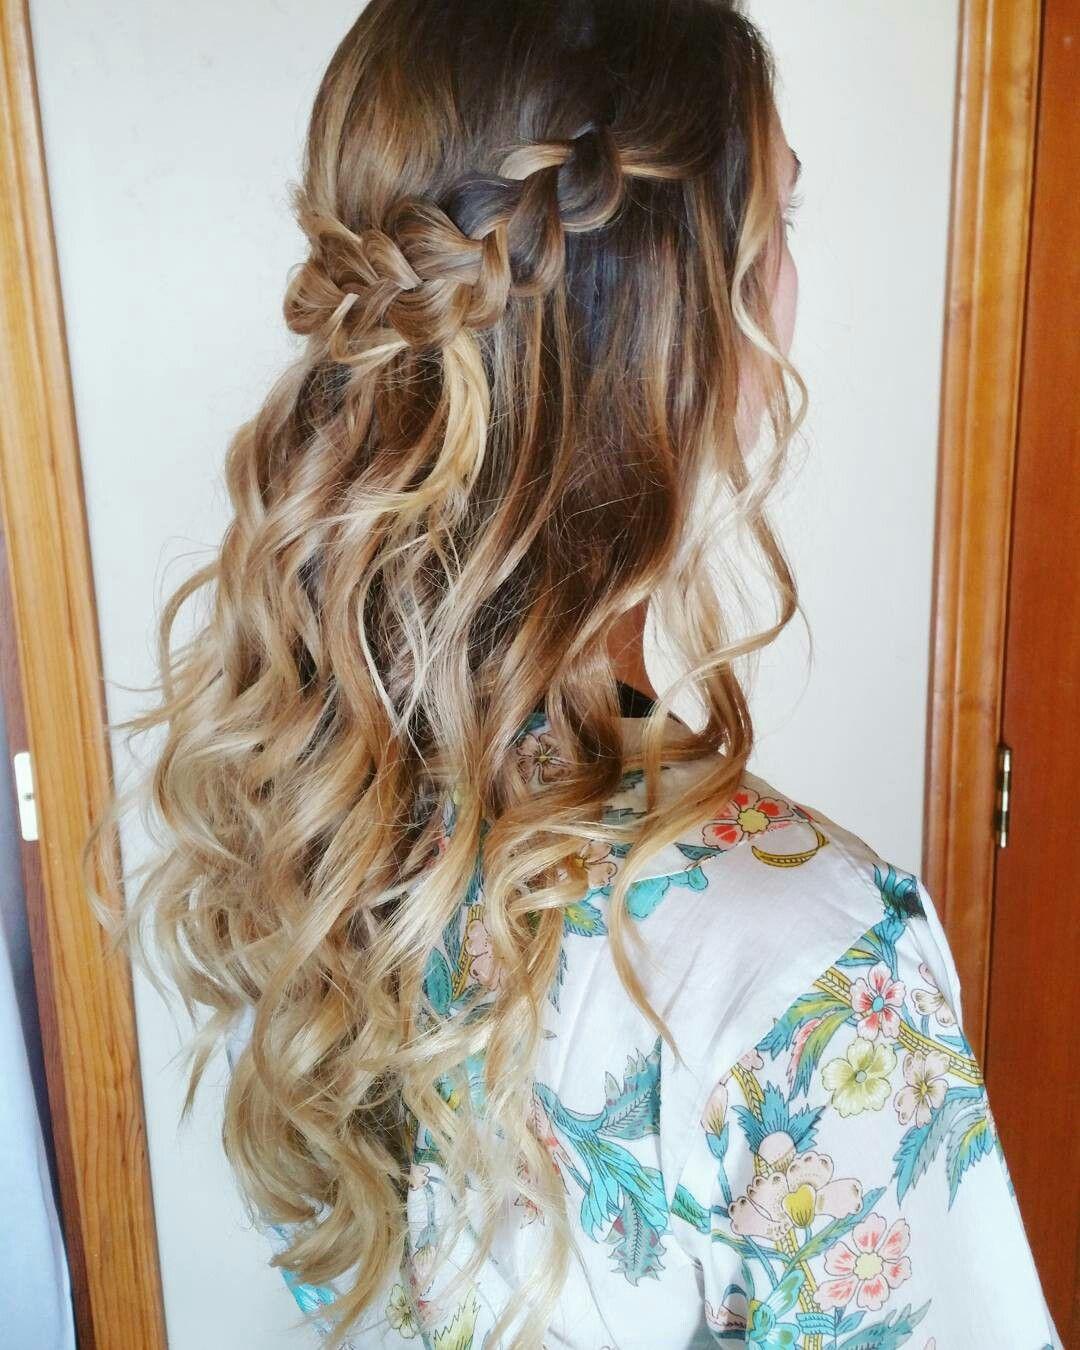 Boho braided wedding hairstyles wavy curls braided half up half